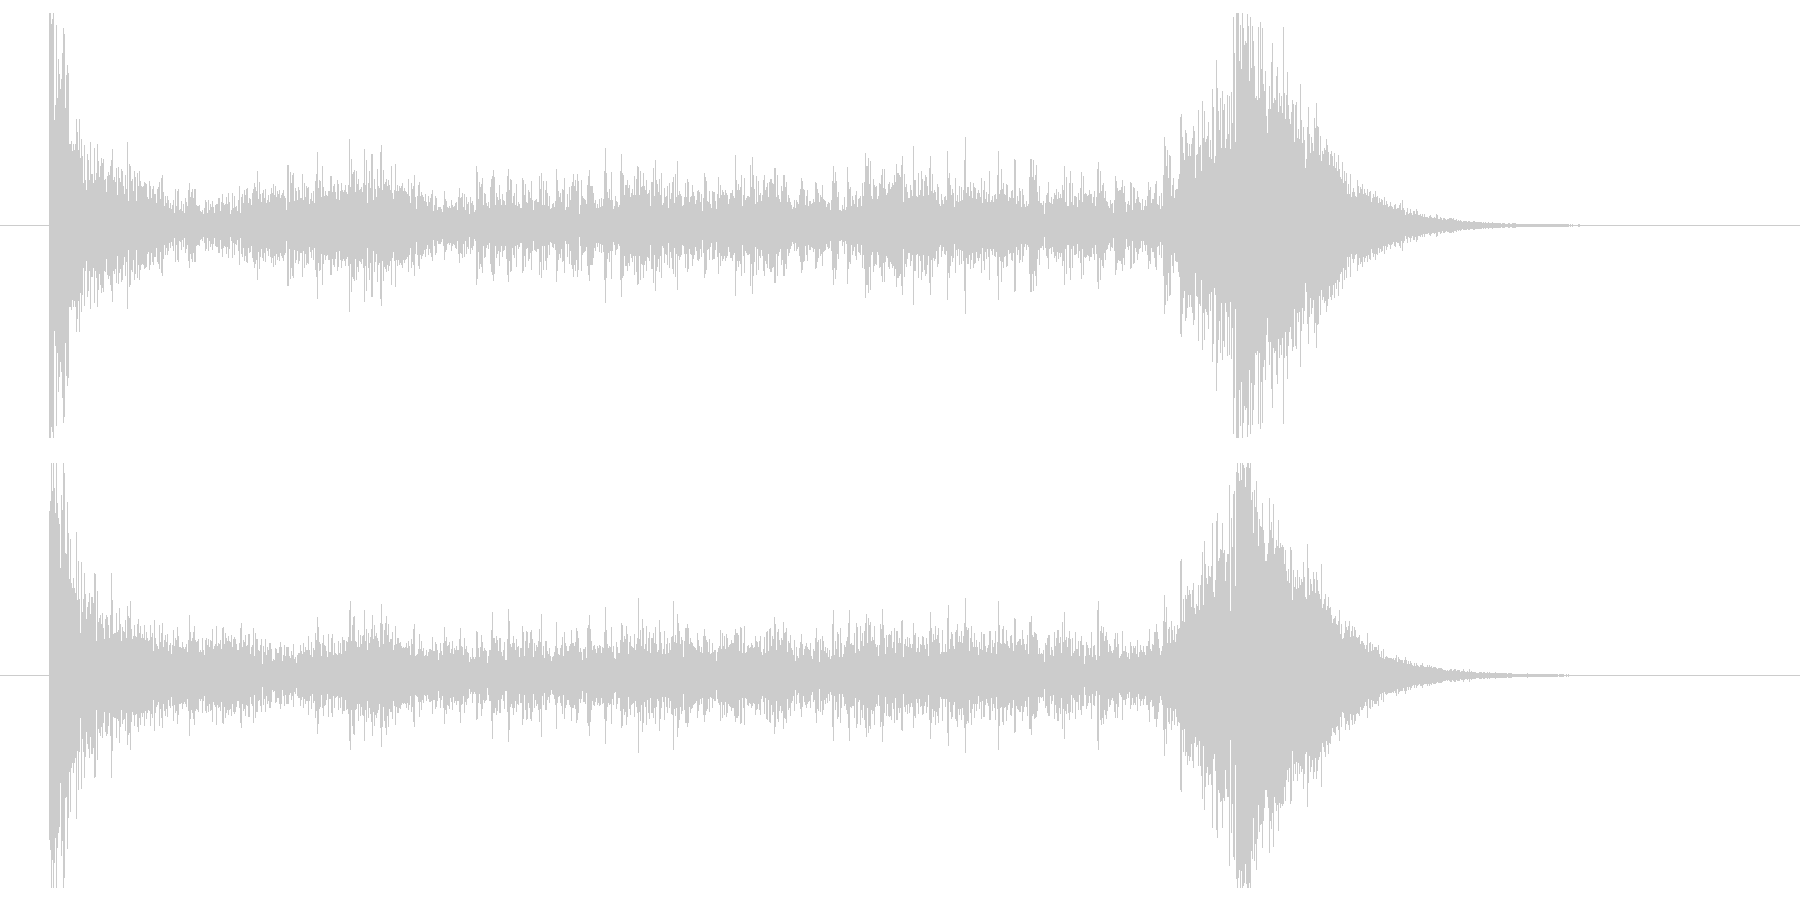 ティンパニーロール_シンバルあり(6秒)の未再生の波形